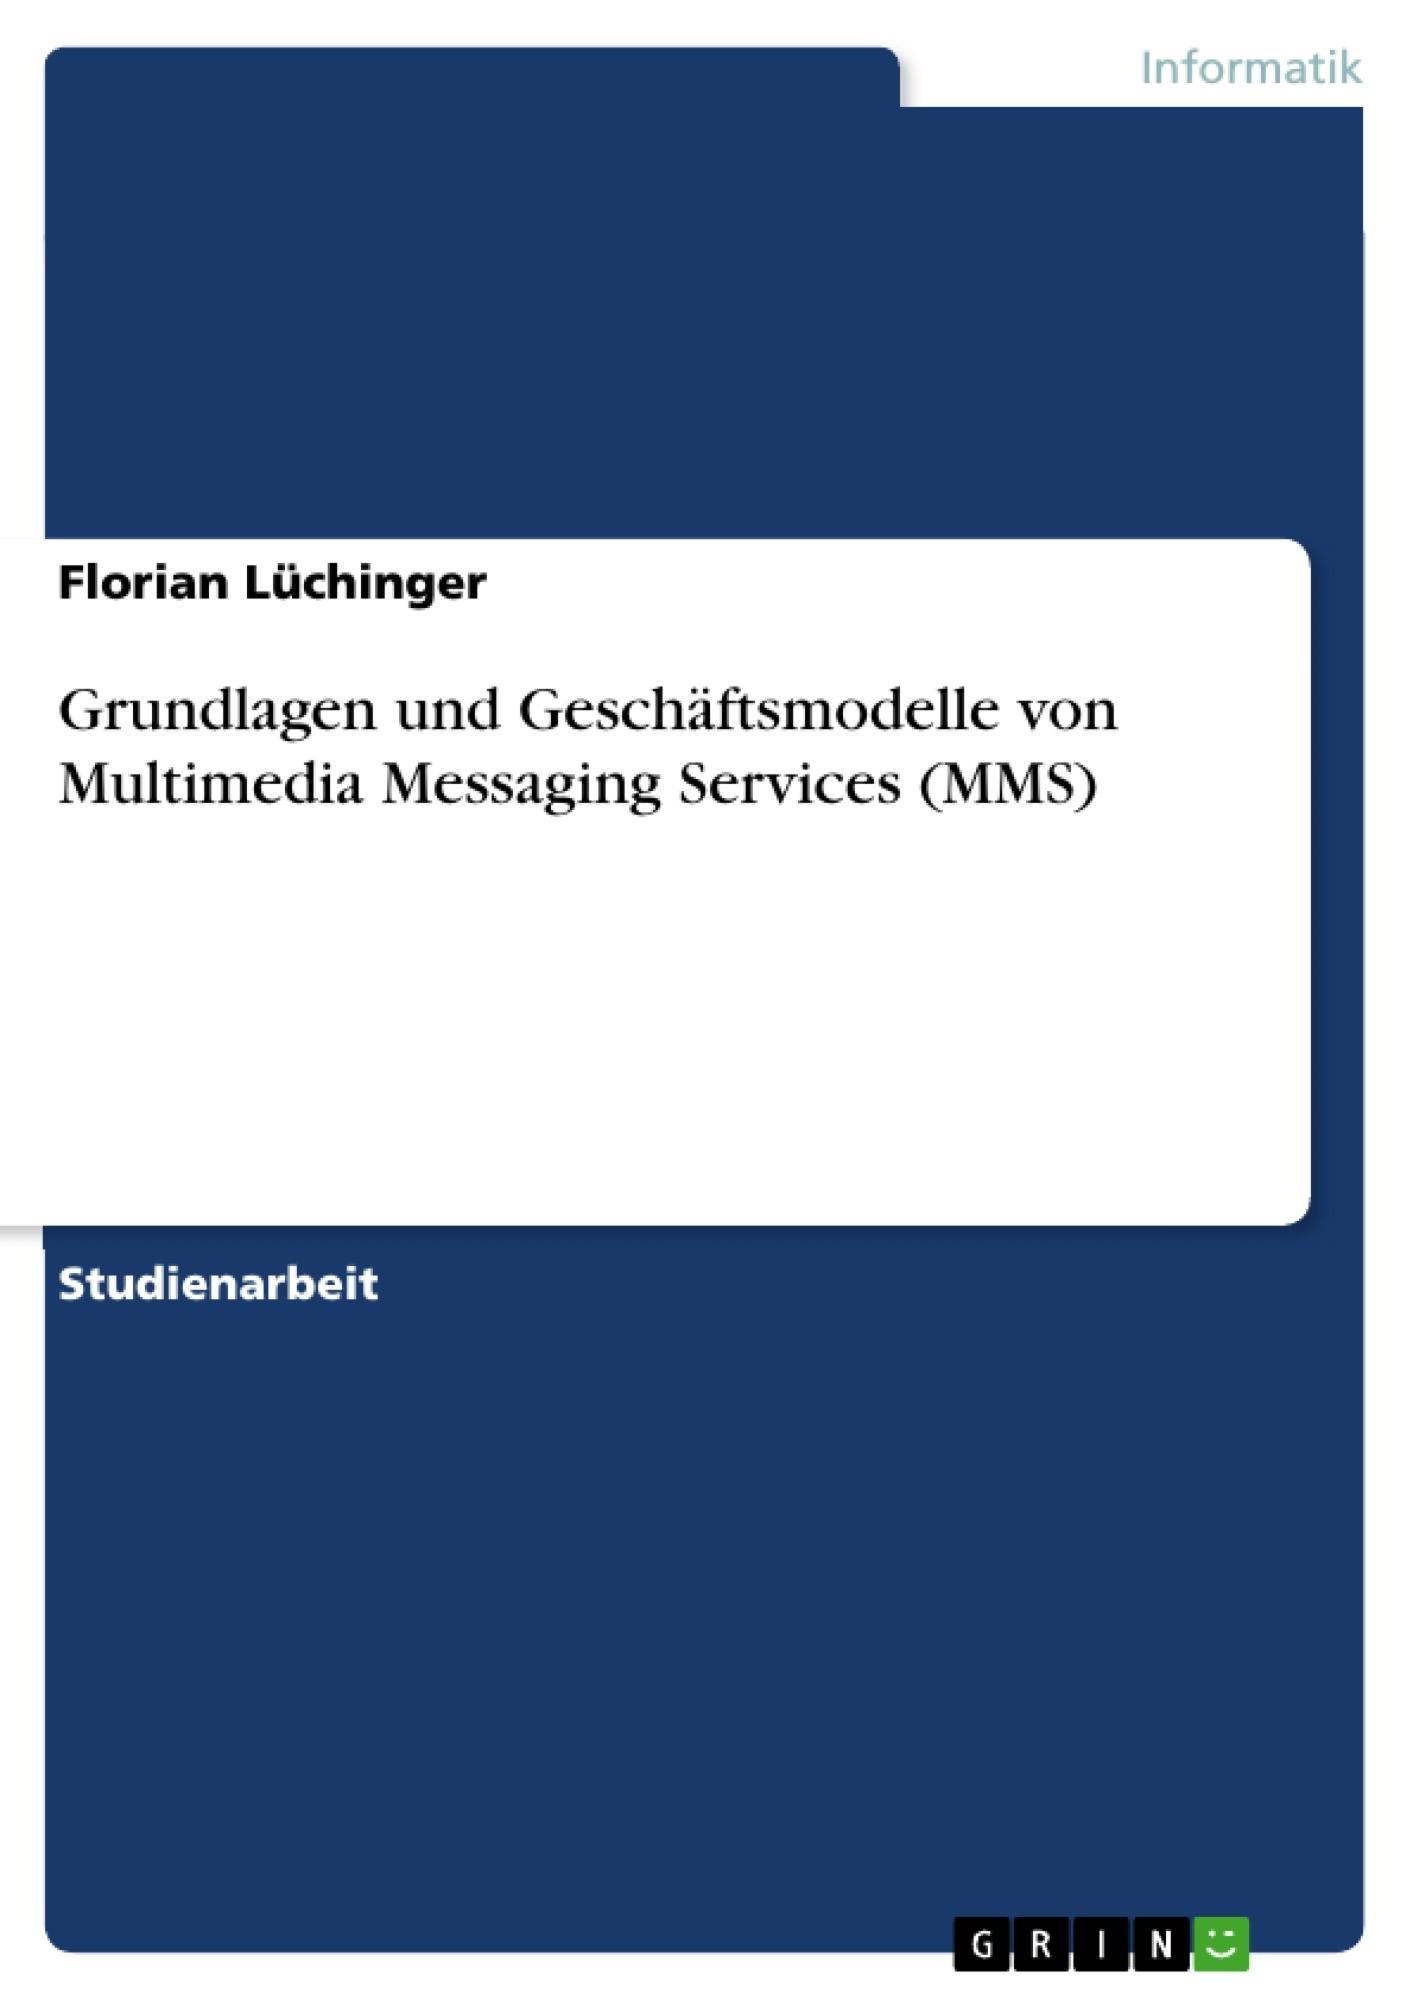 Titel: Grundlagen und Geschäftsmodelle von Multimedia Messaging Services (MMS)